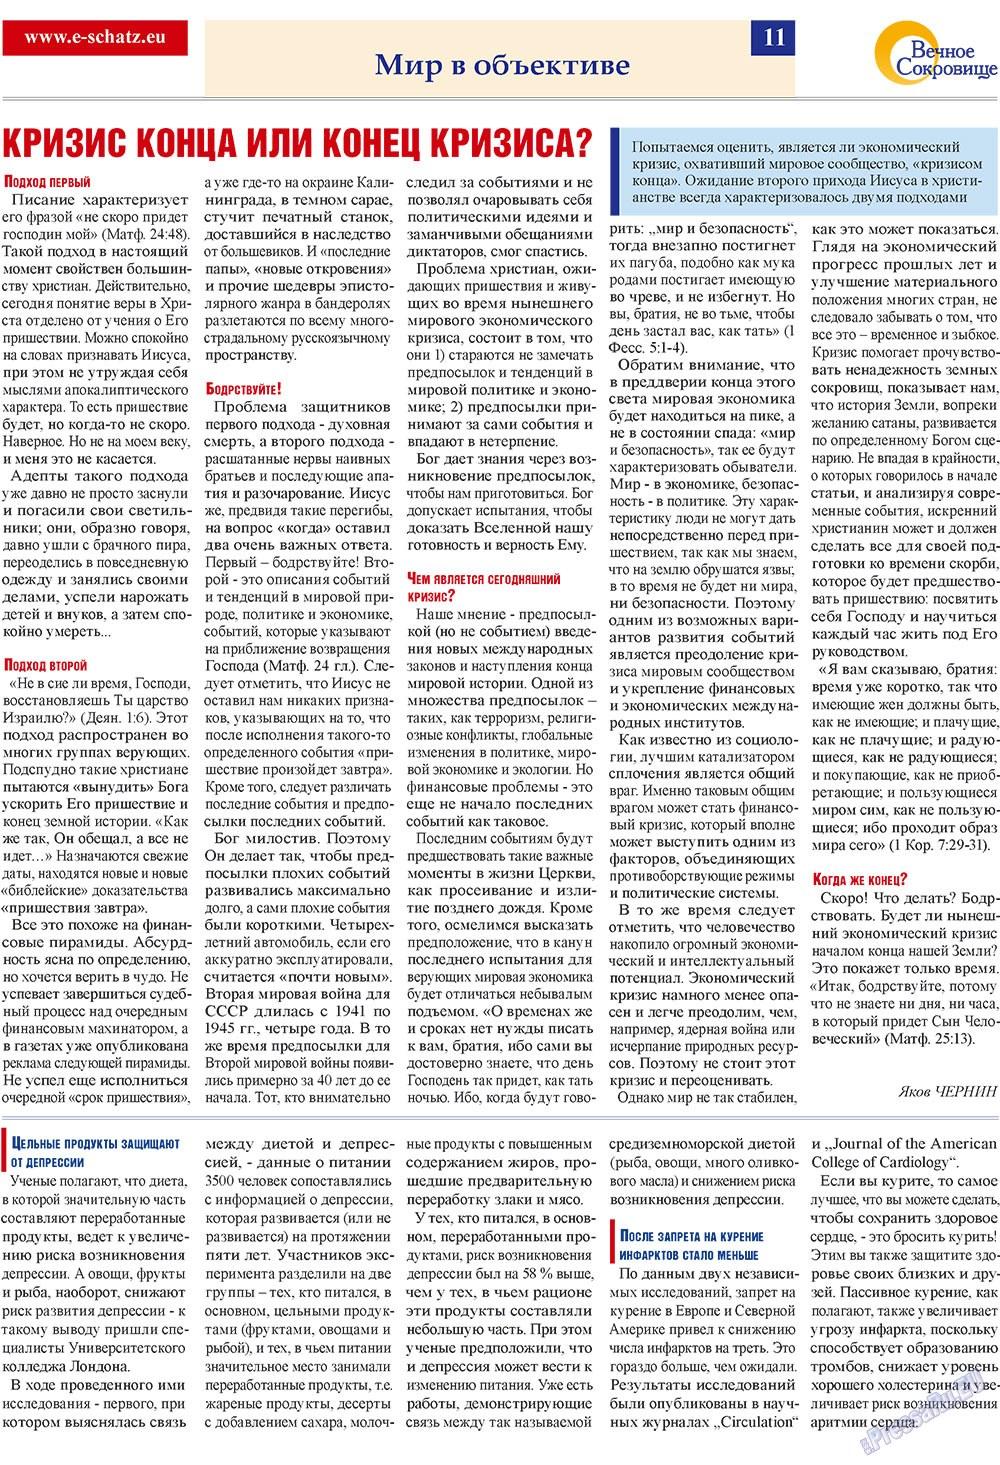 Вечное сокровище (газета). 2009 год, номер 4, стр. 11